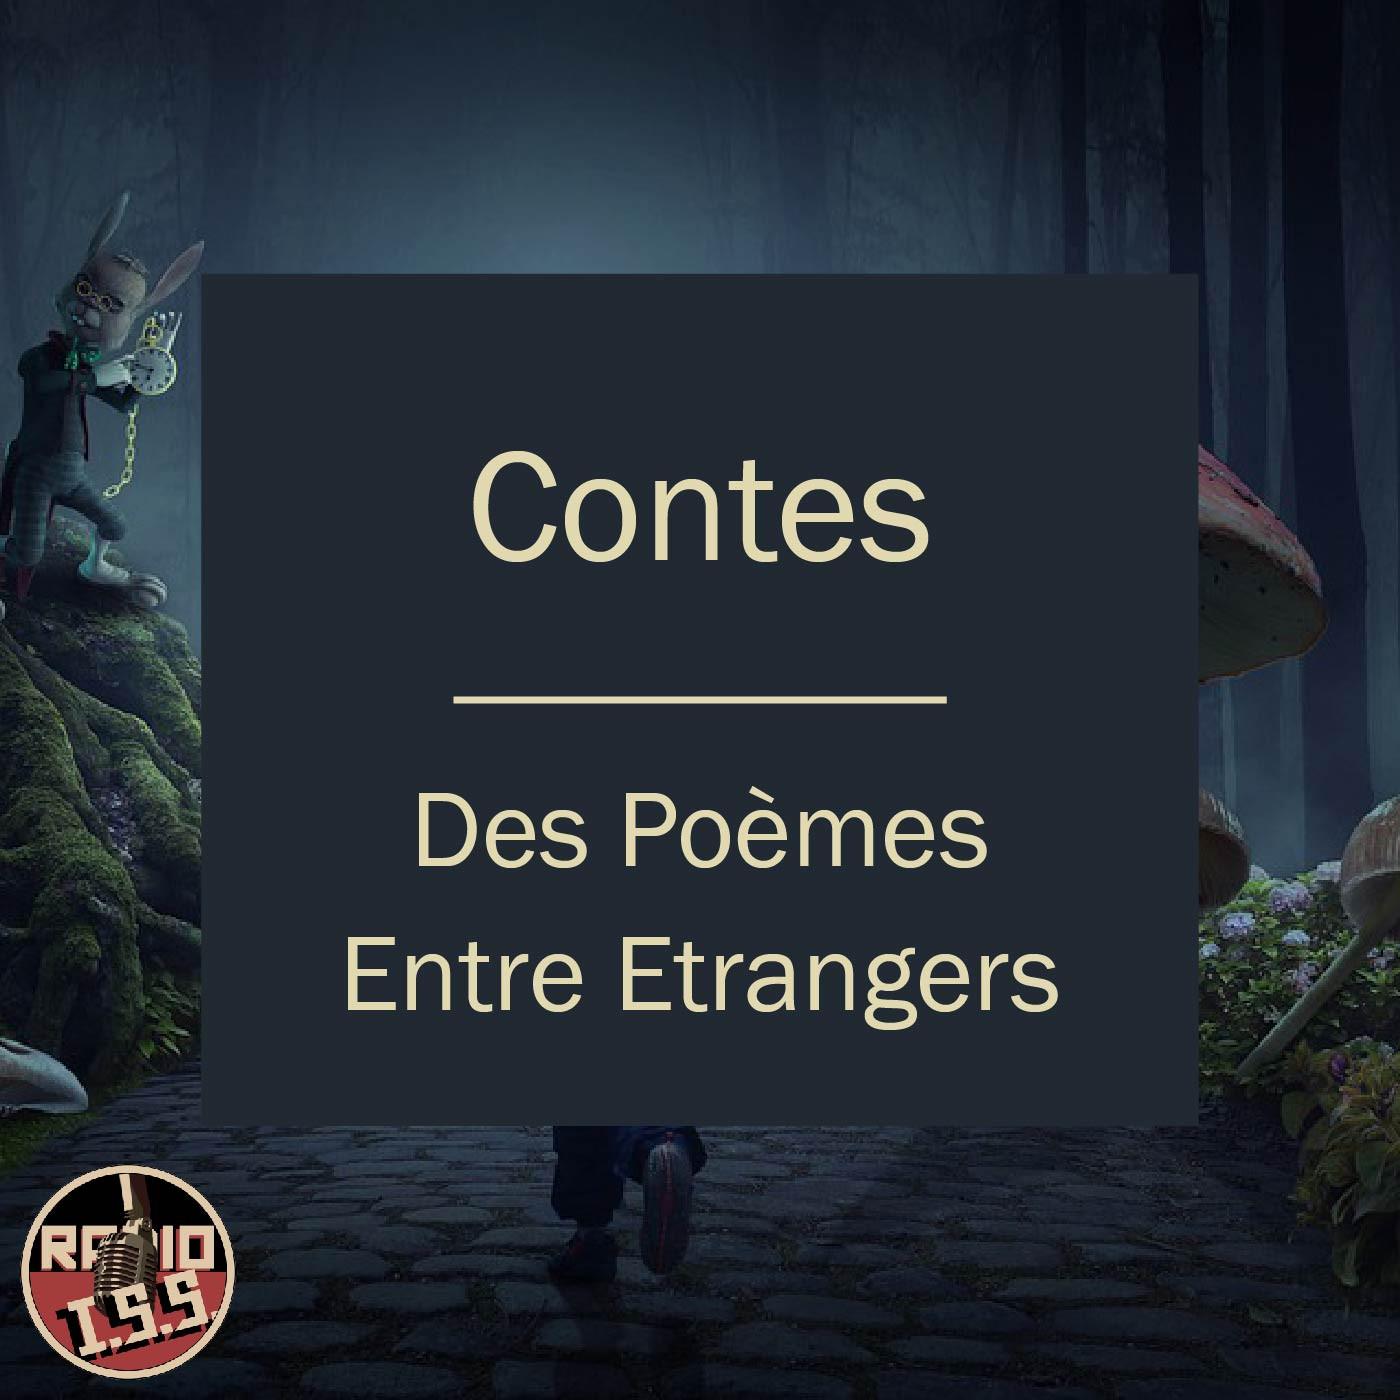 Contes #4 - Des poèmes entre étrangers